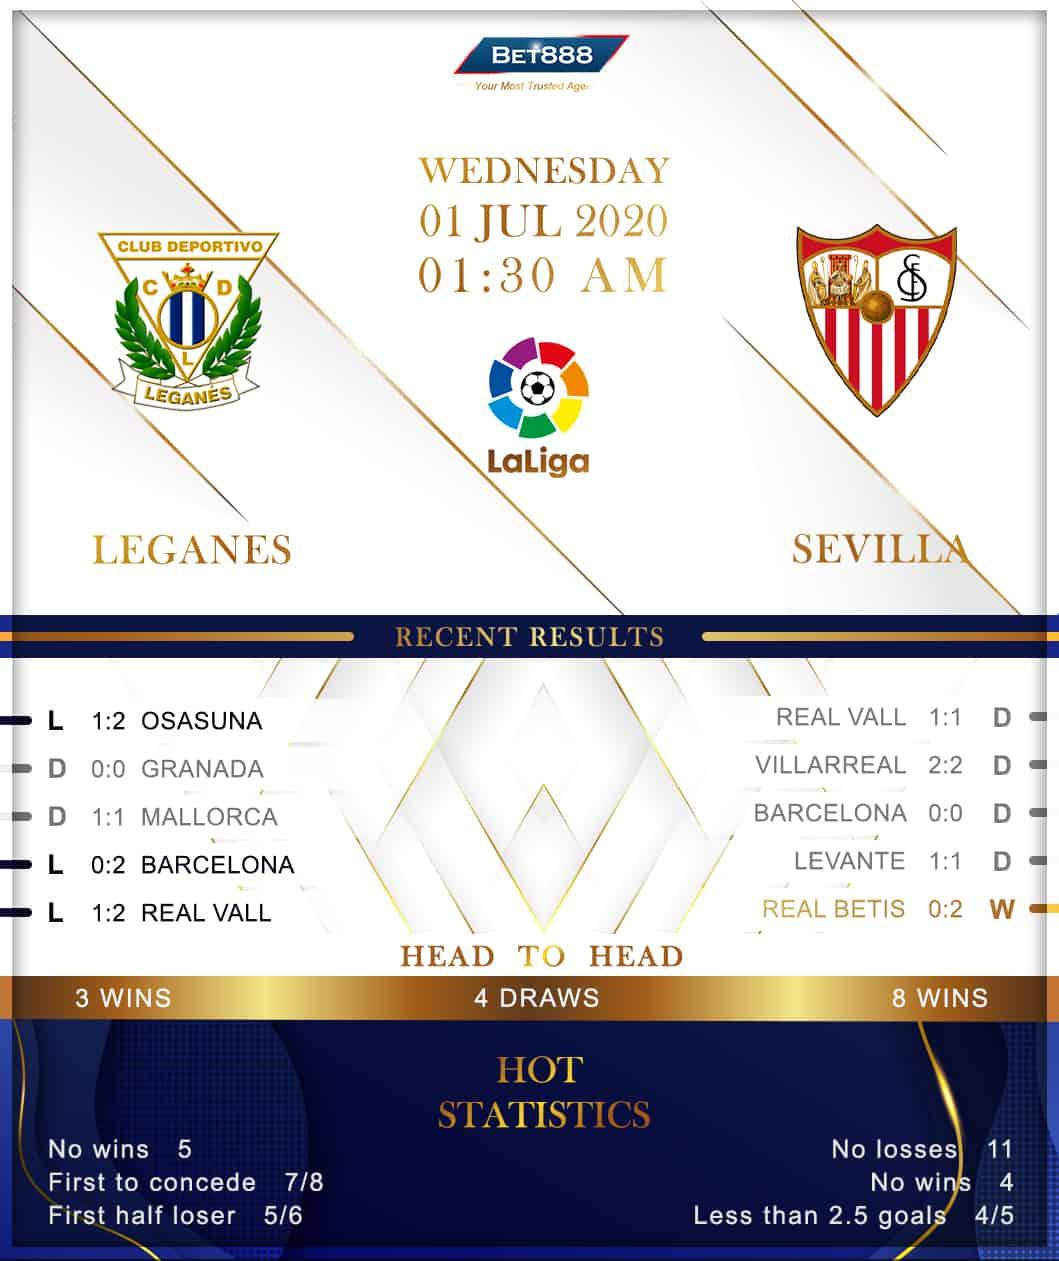 Leganes vs  Sevilla 01/07/20